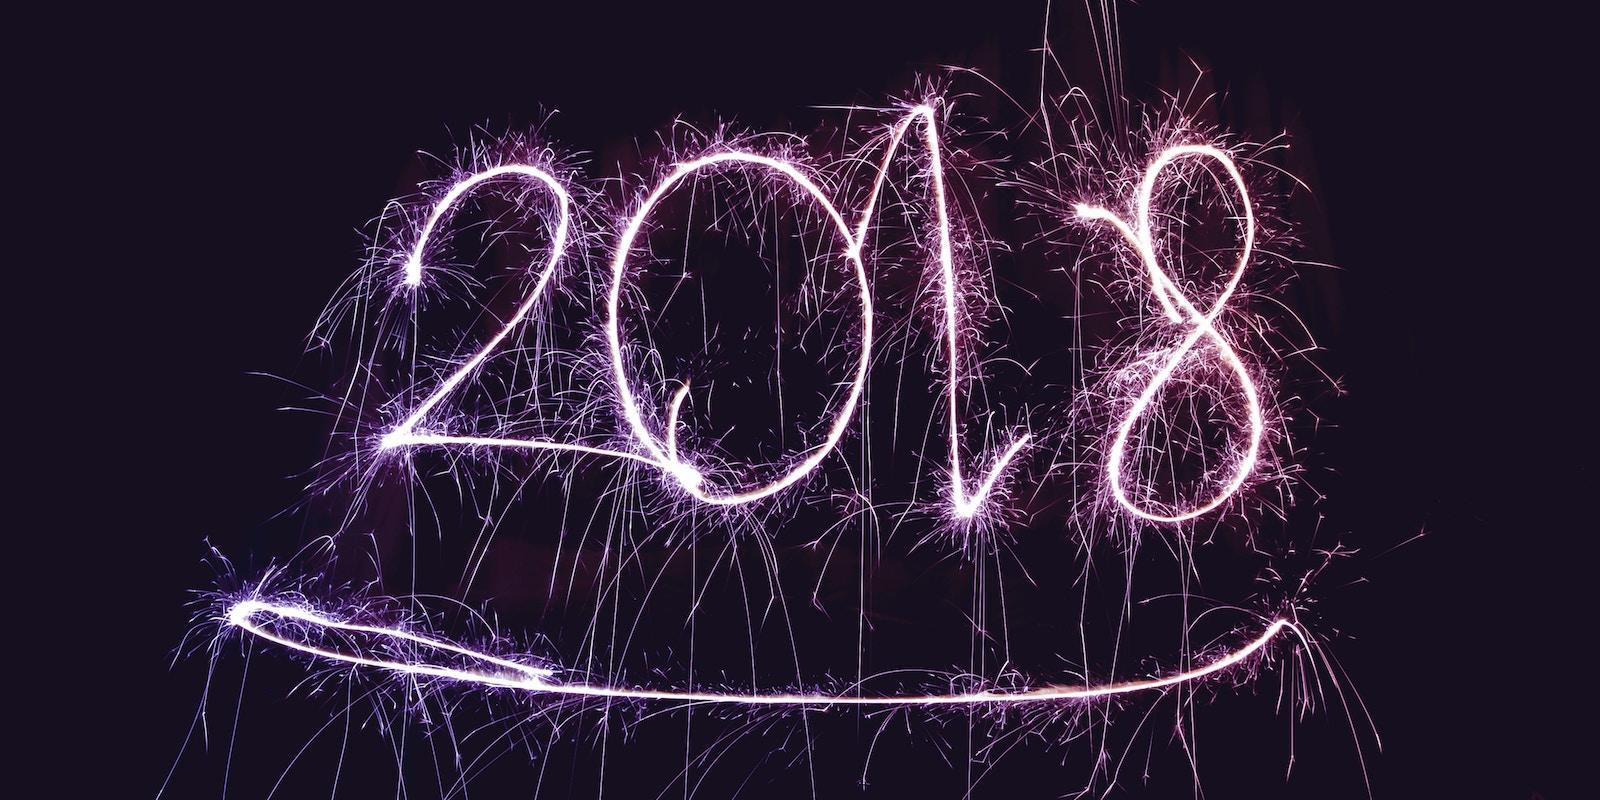 Nalaďte se na světlo v průběhu celého roku 2018